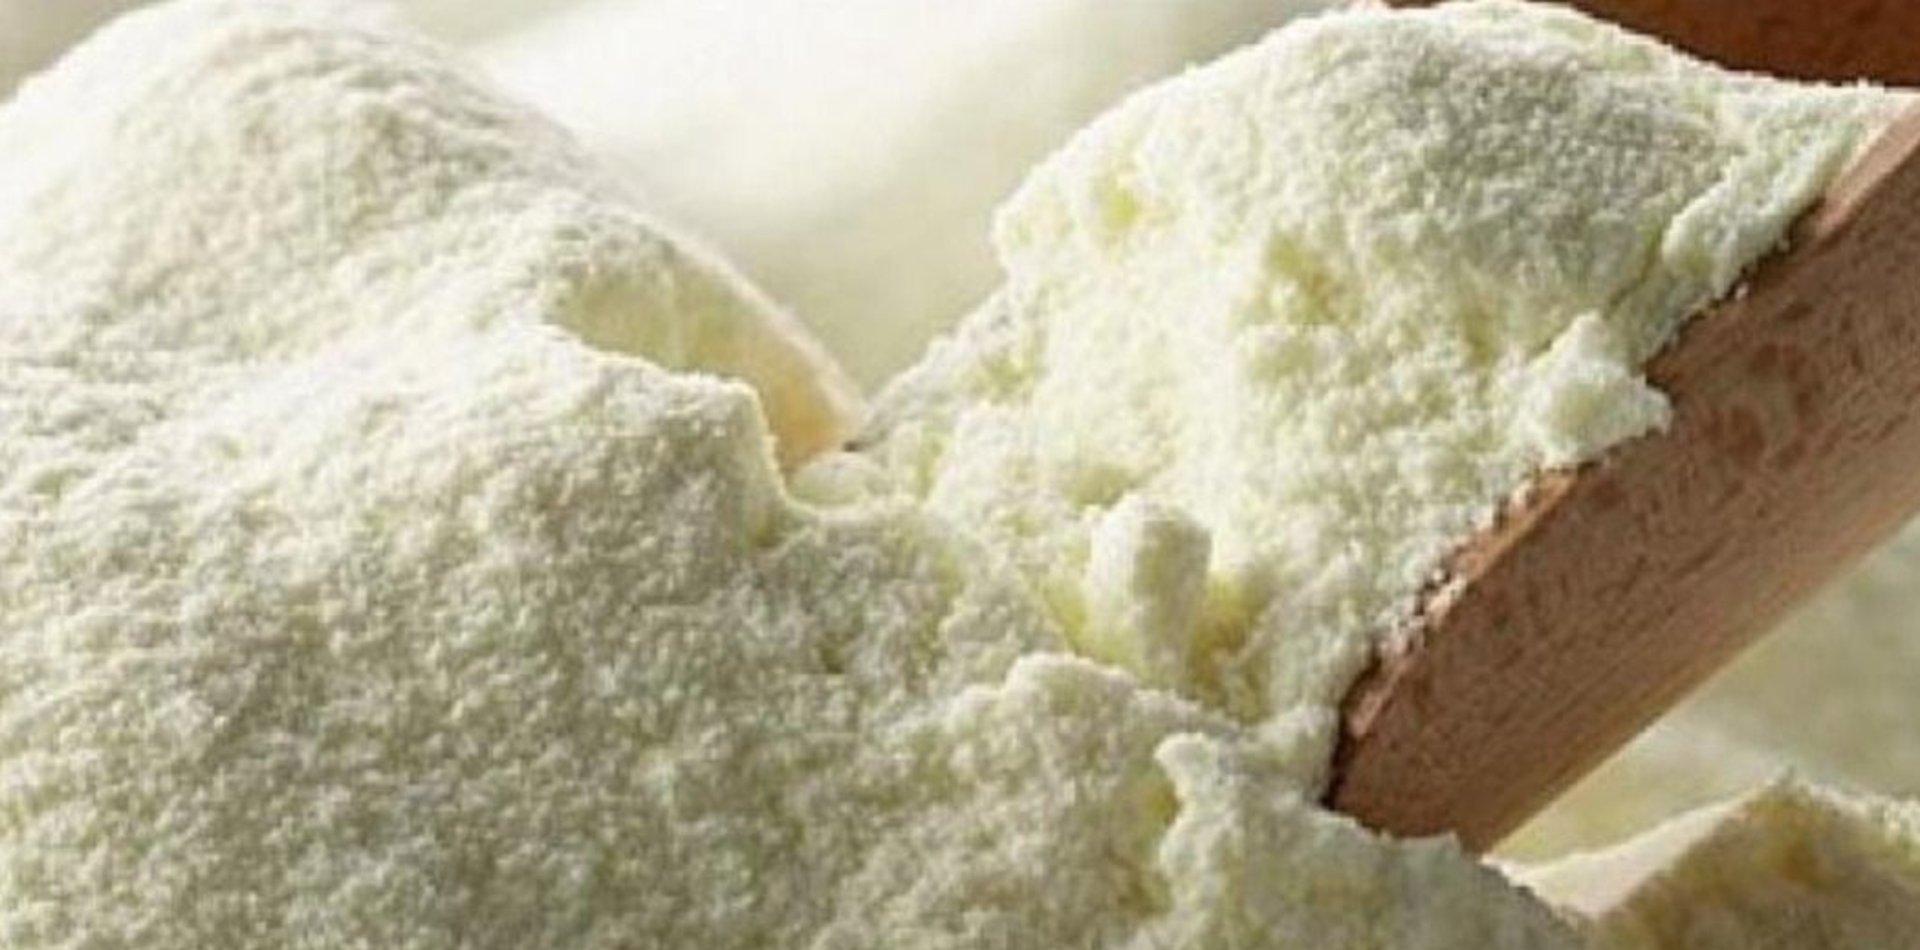 Prohibieron en todo el país la venta de una conocida leche en polvo